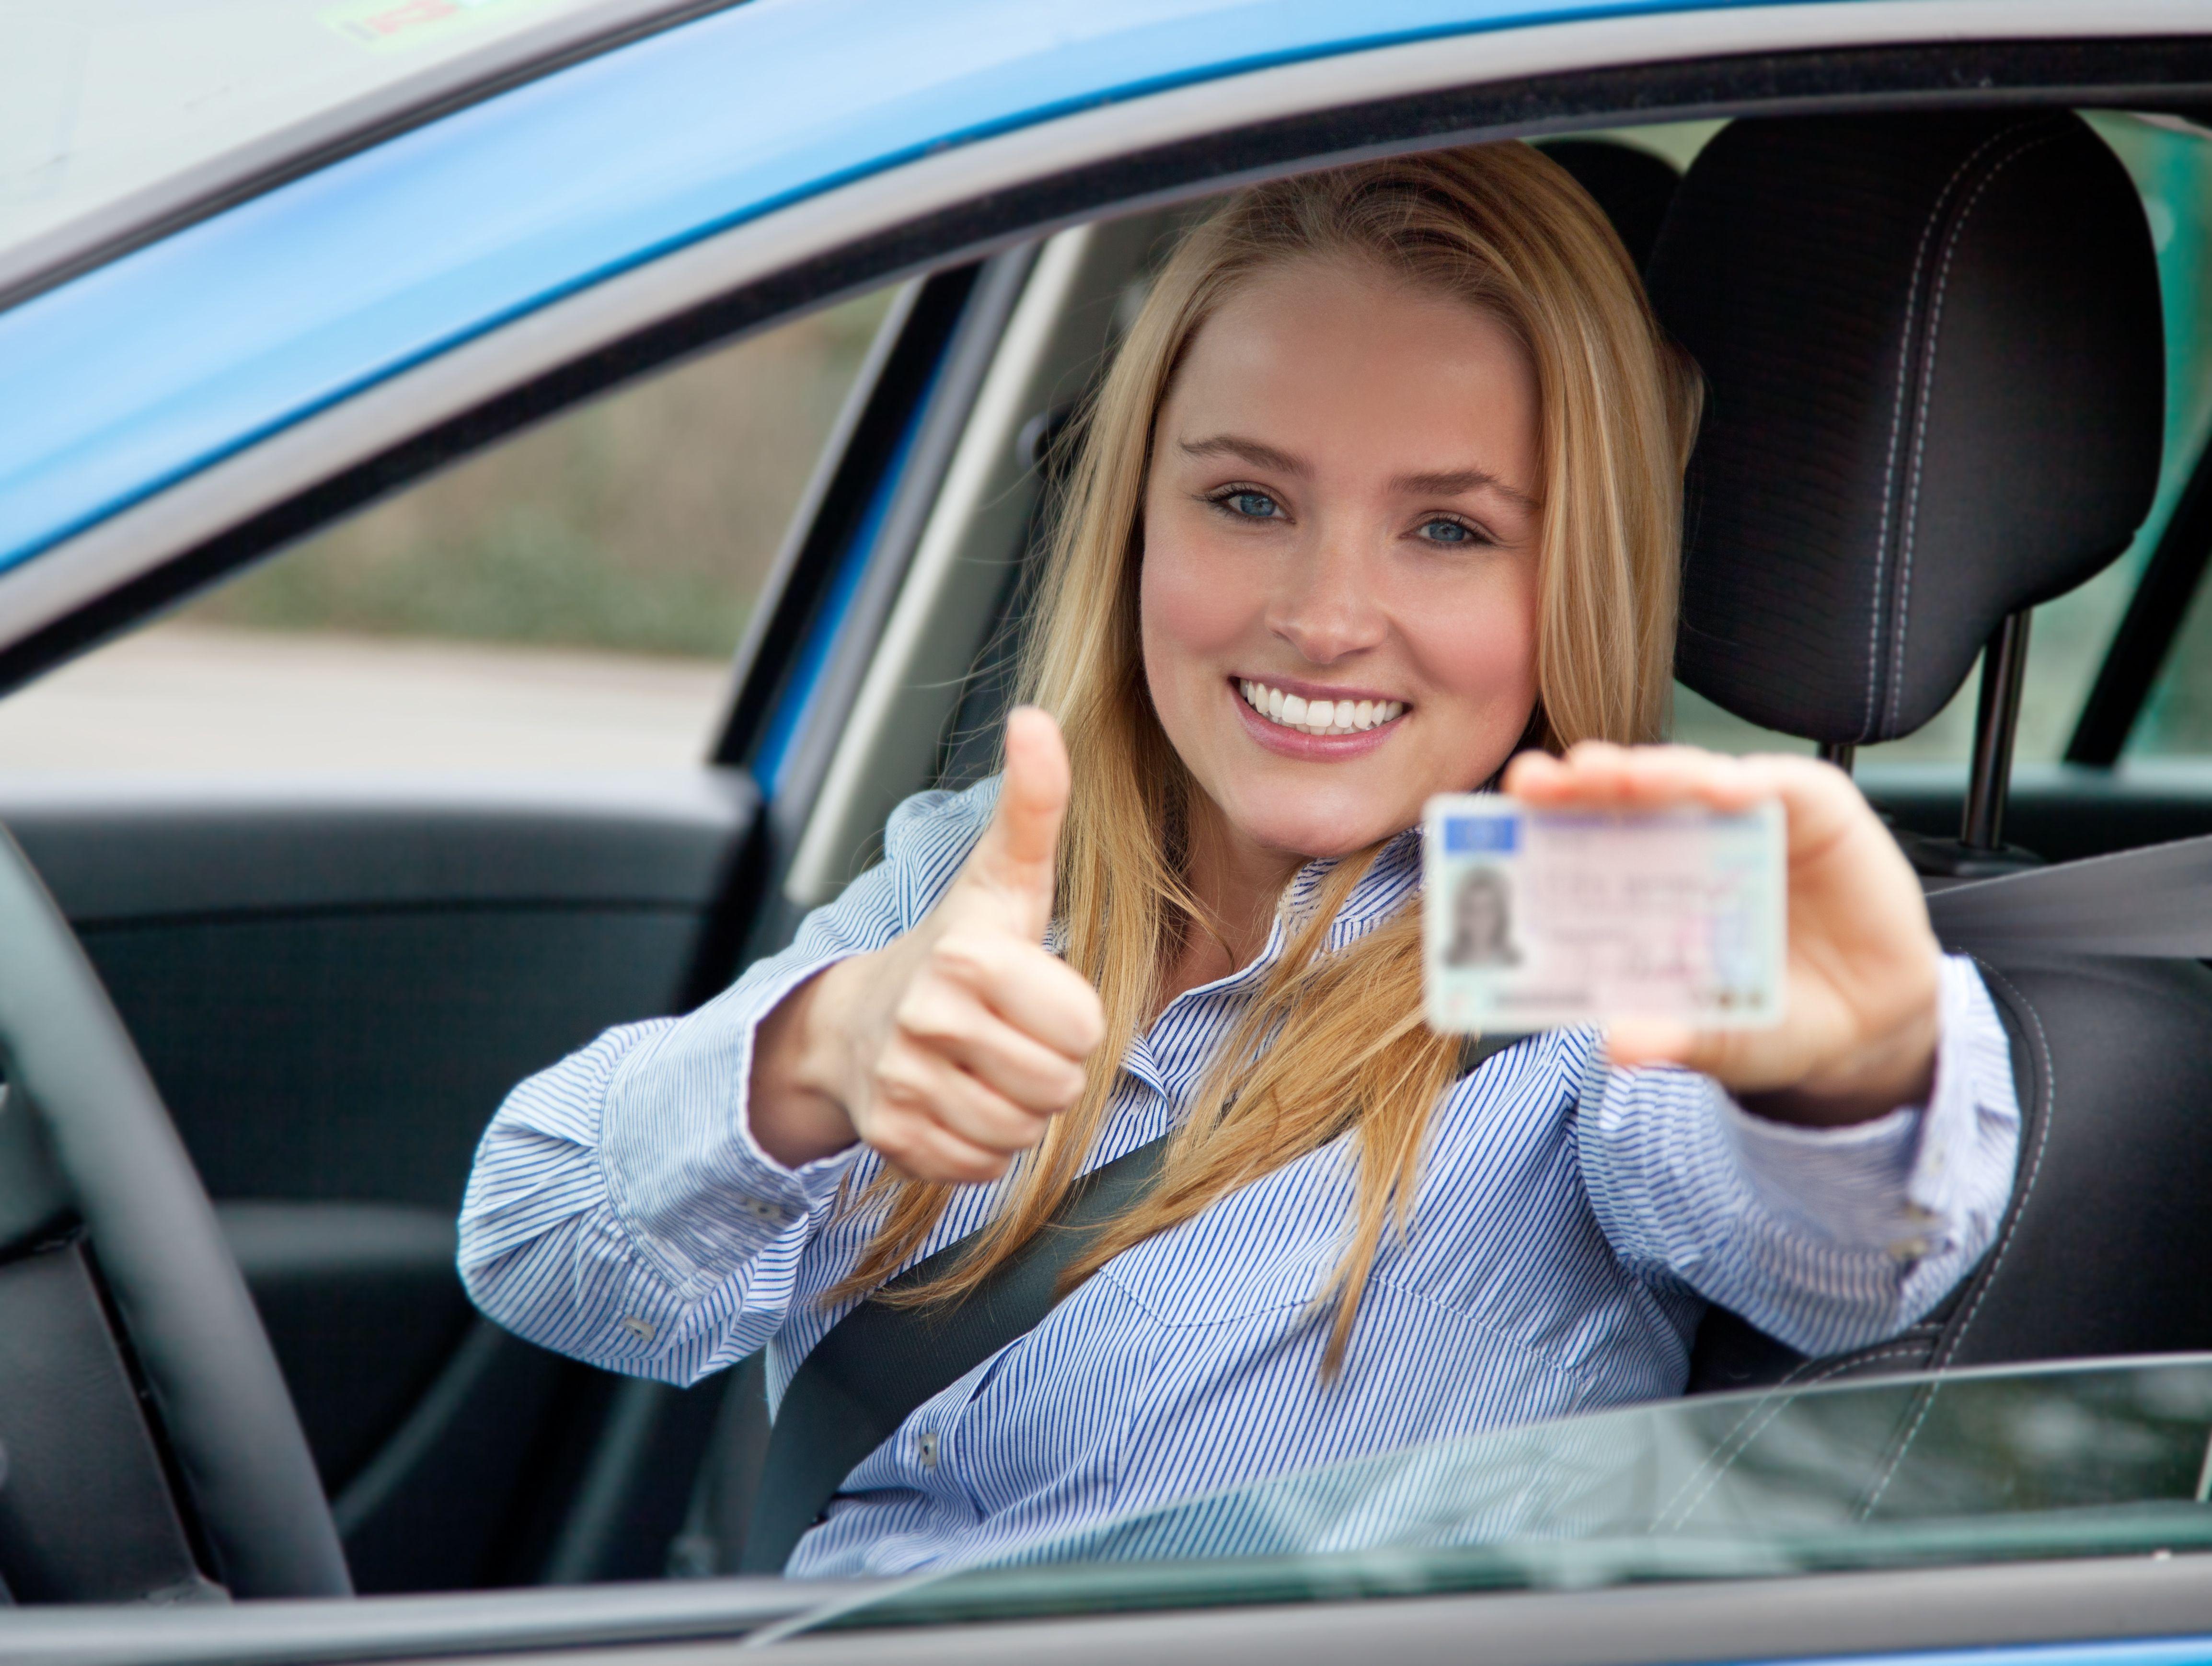 Permiso de conducir: Nuestros servicios de Centro médico Pesini